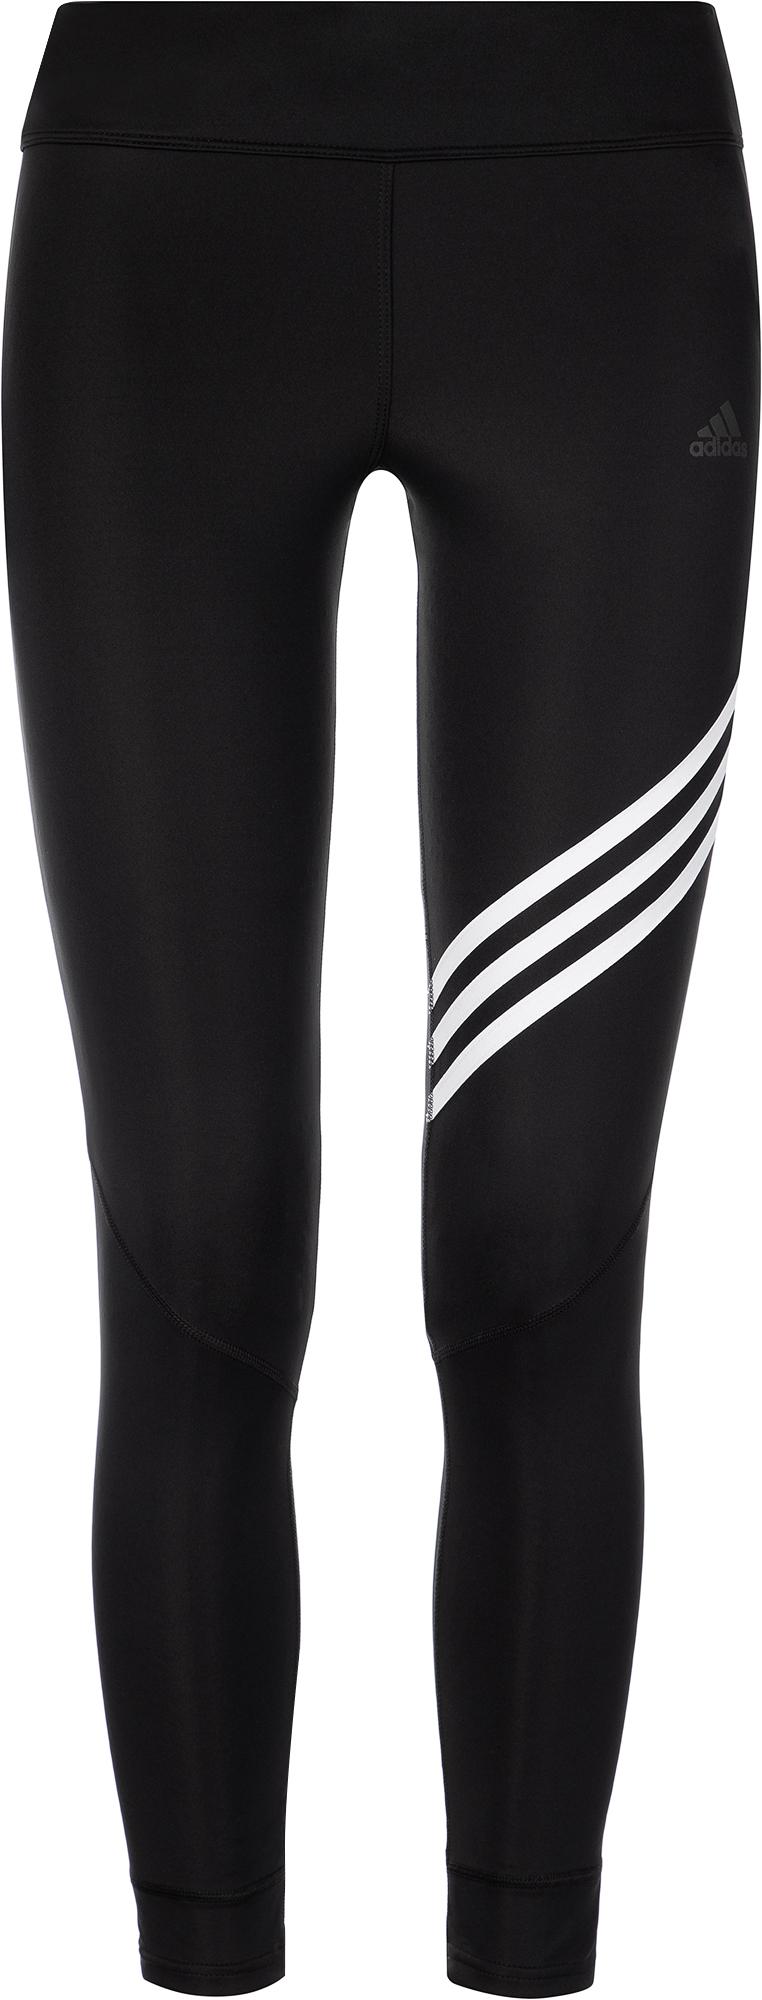 Adidas Легинсы женские adidas Run It 3-Stripes, размер 38-40 adidas легинсы для девочек adidas essentials 3 stripes размер 128